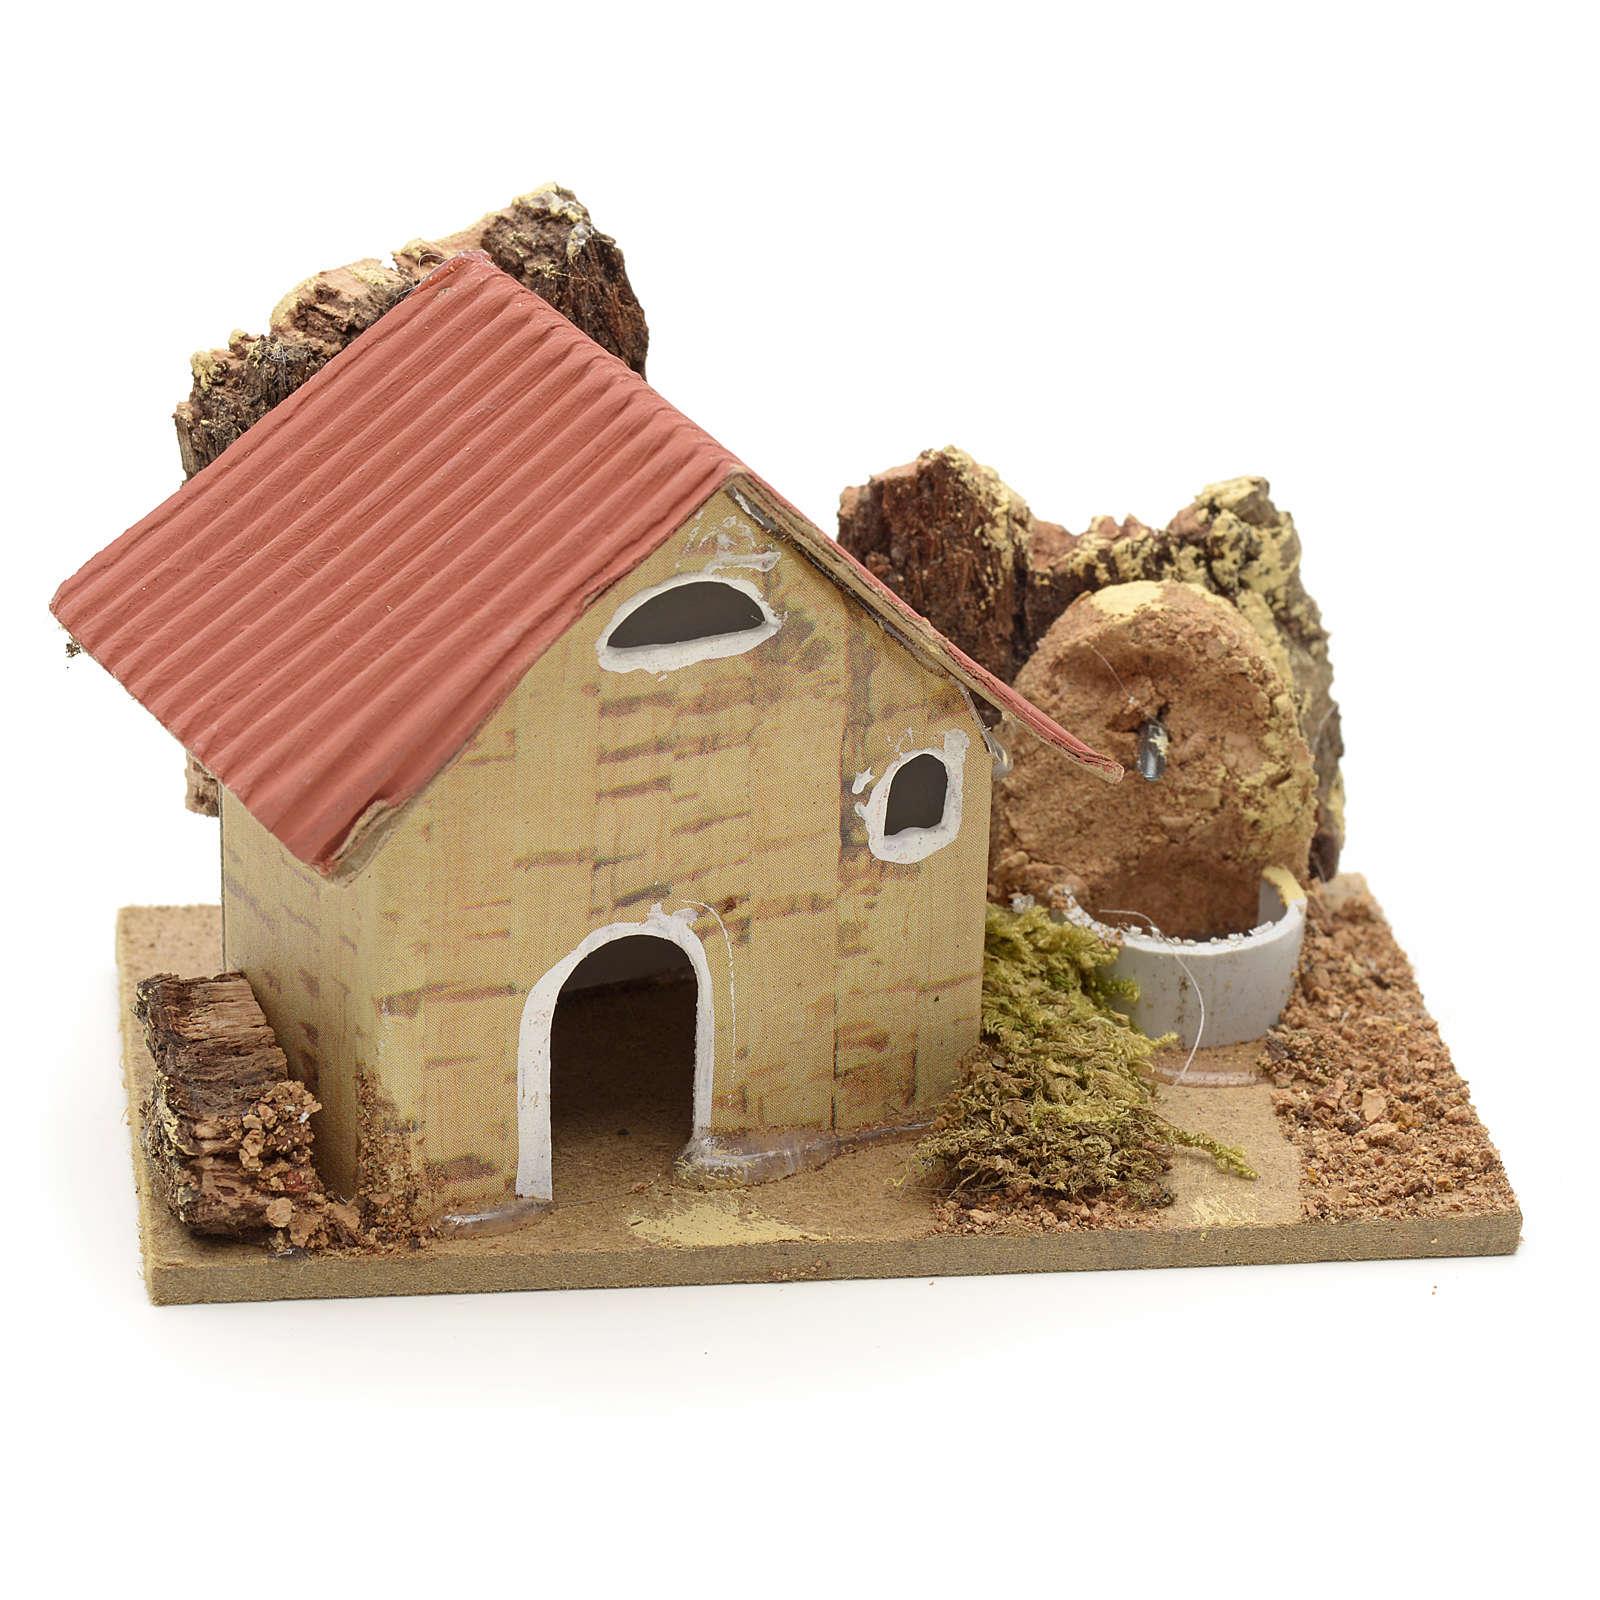 Décor crèche maisons en carton 10x6 cm 4